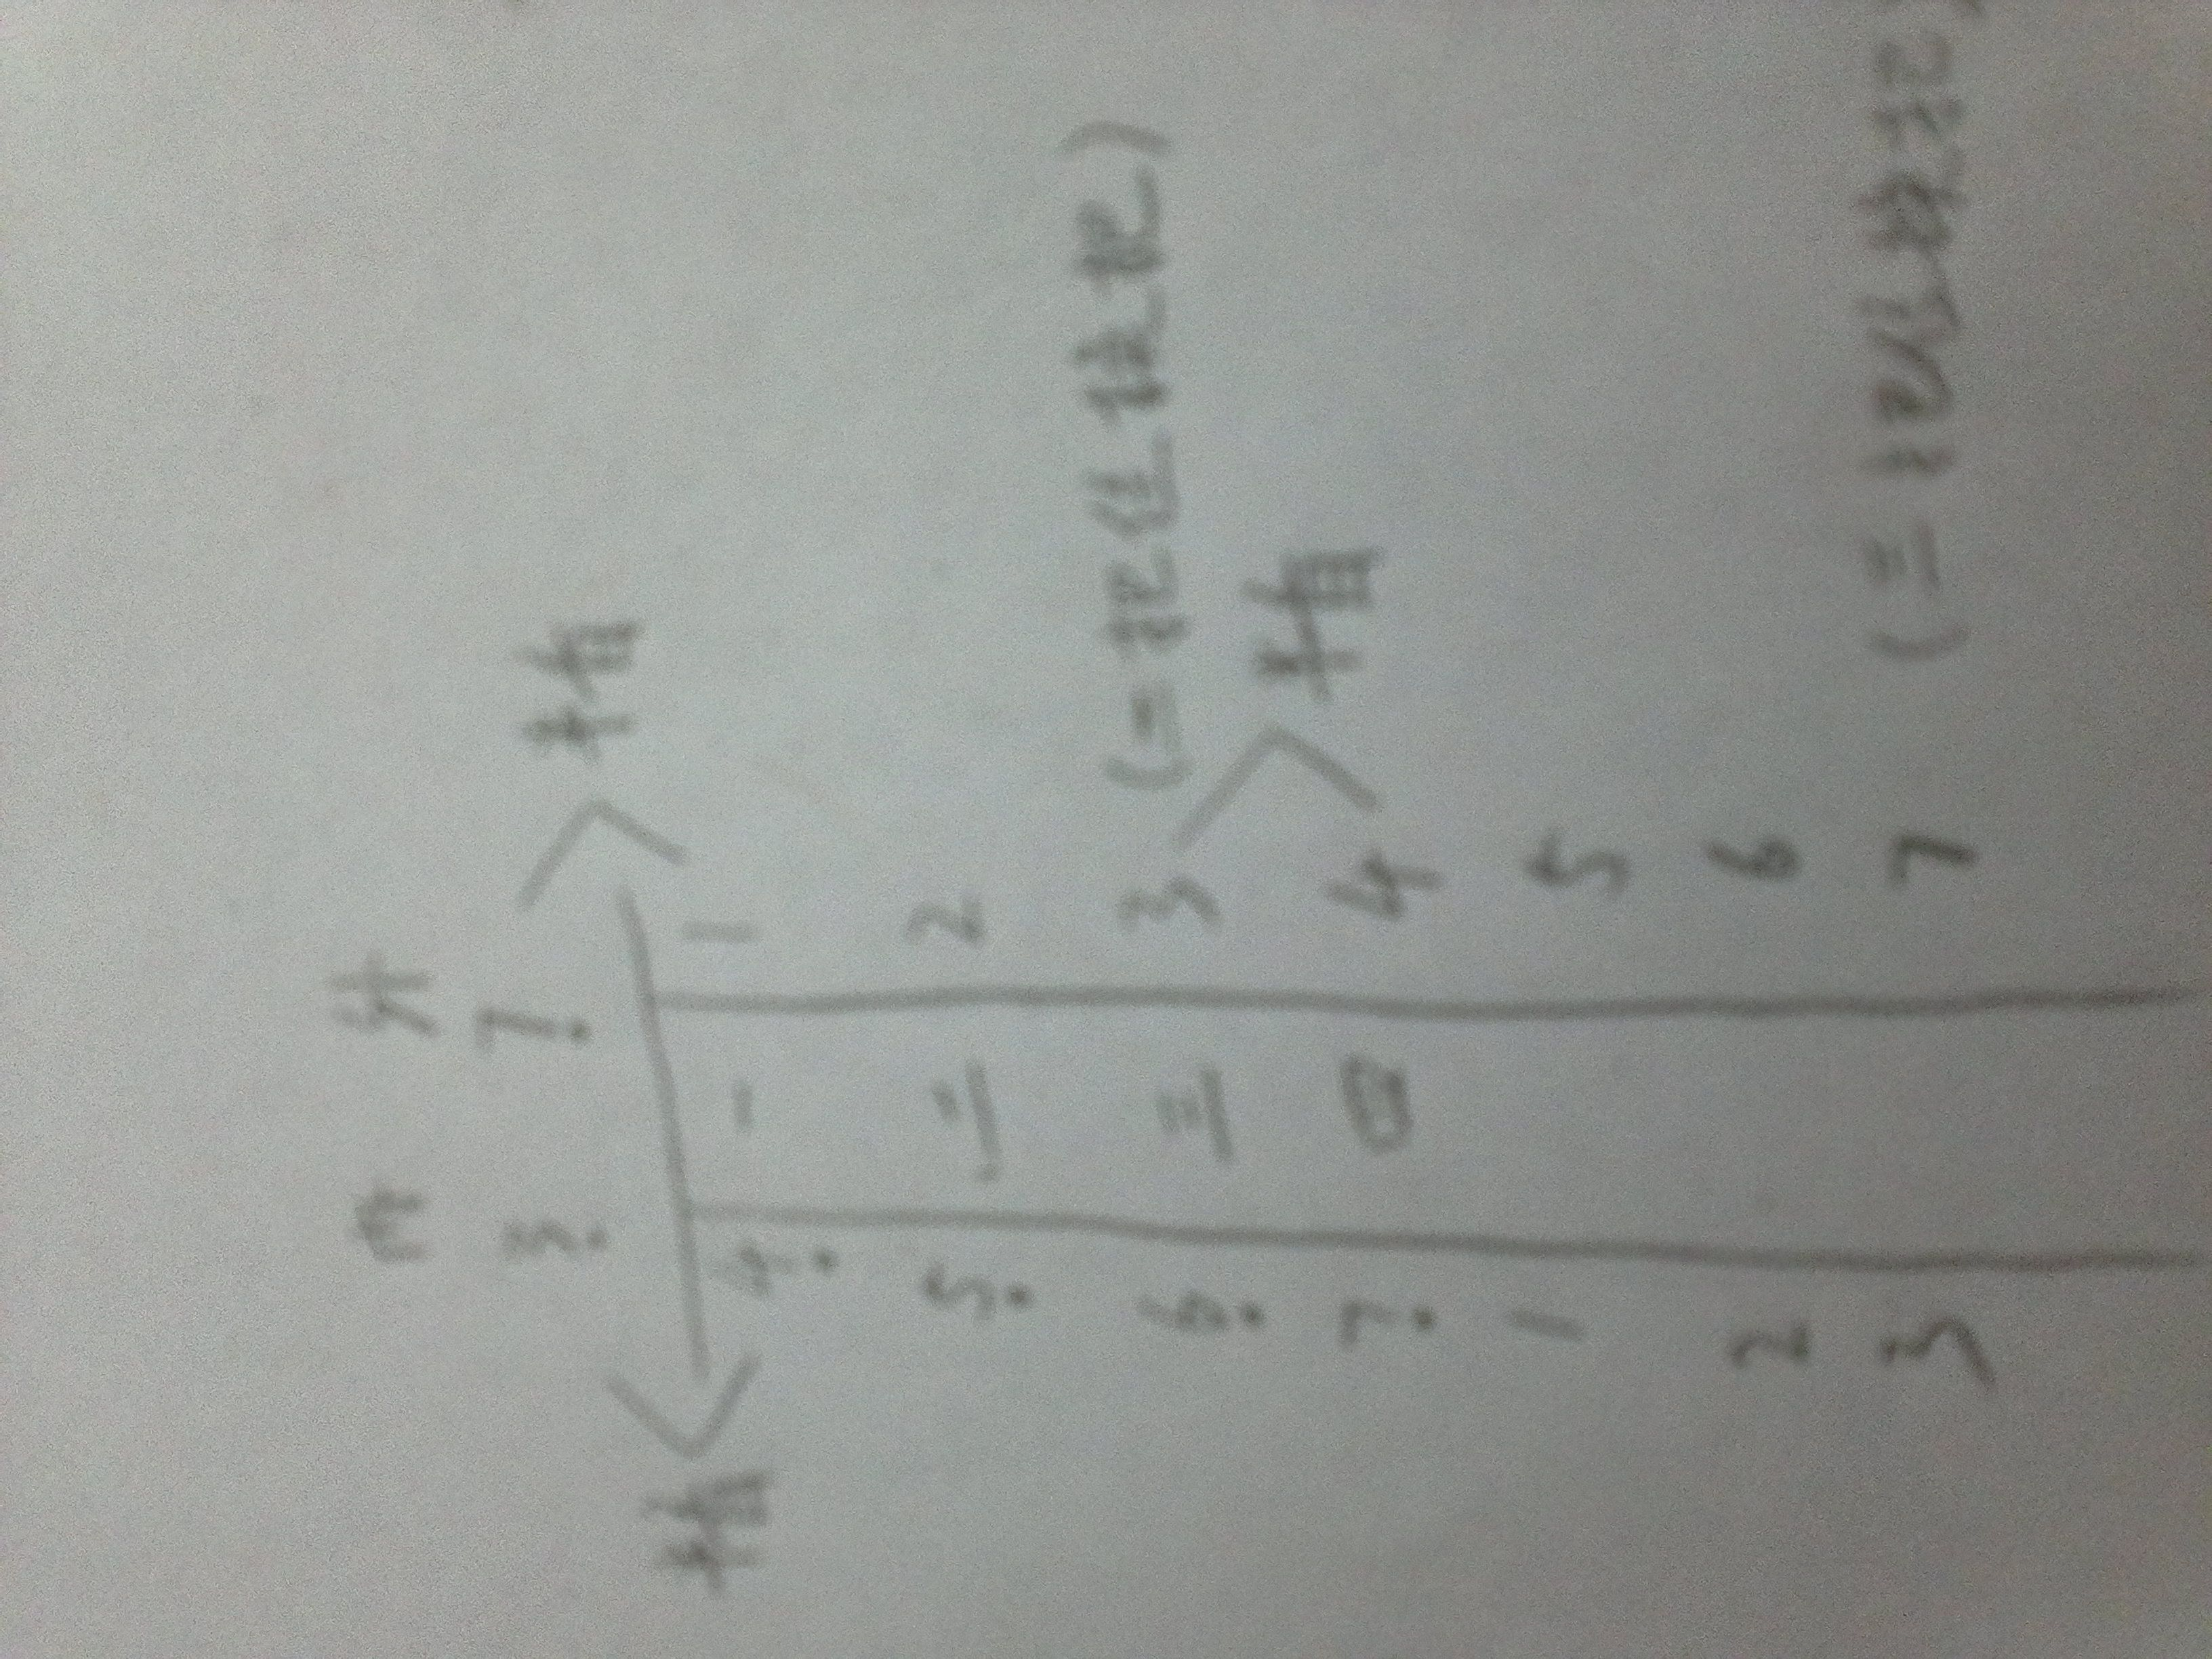 二胡降d调指法图片